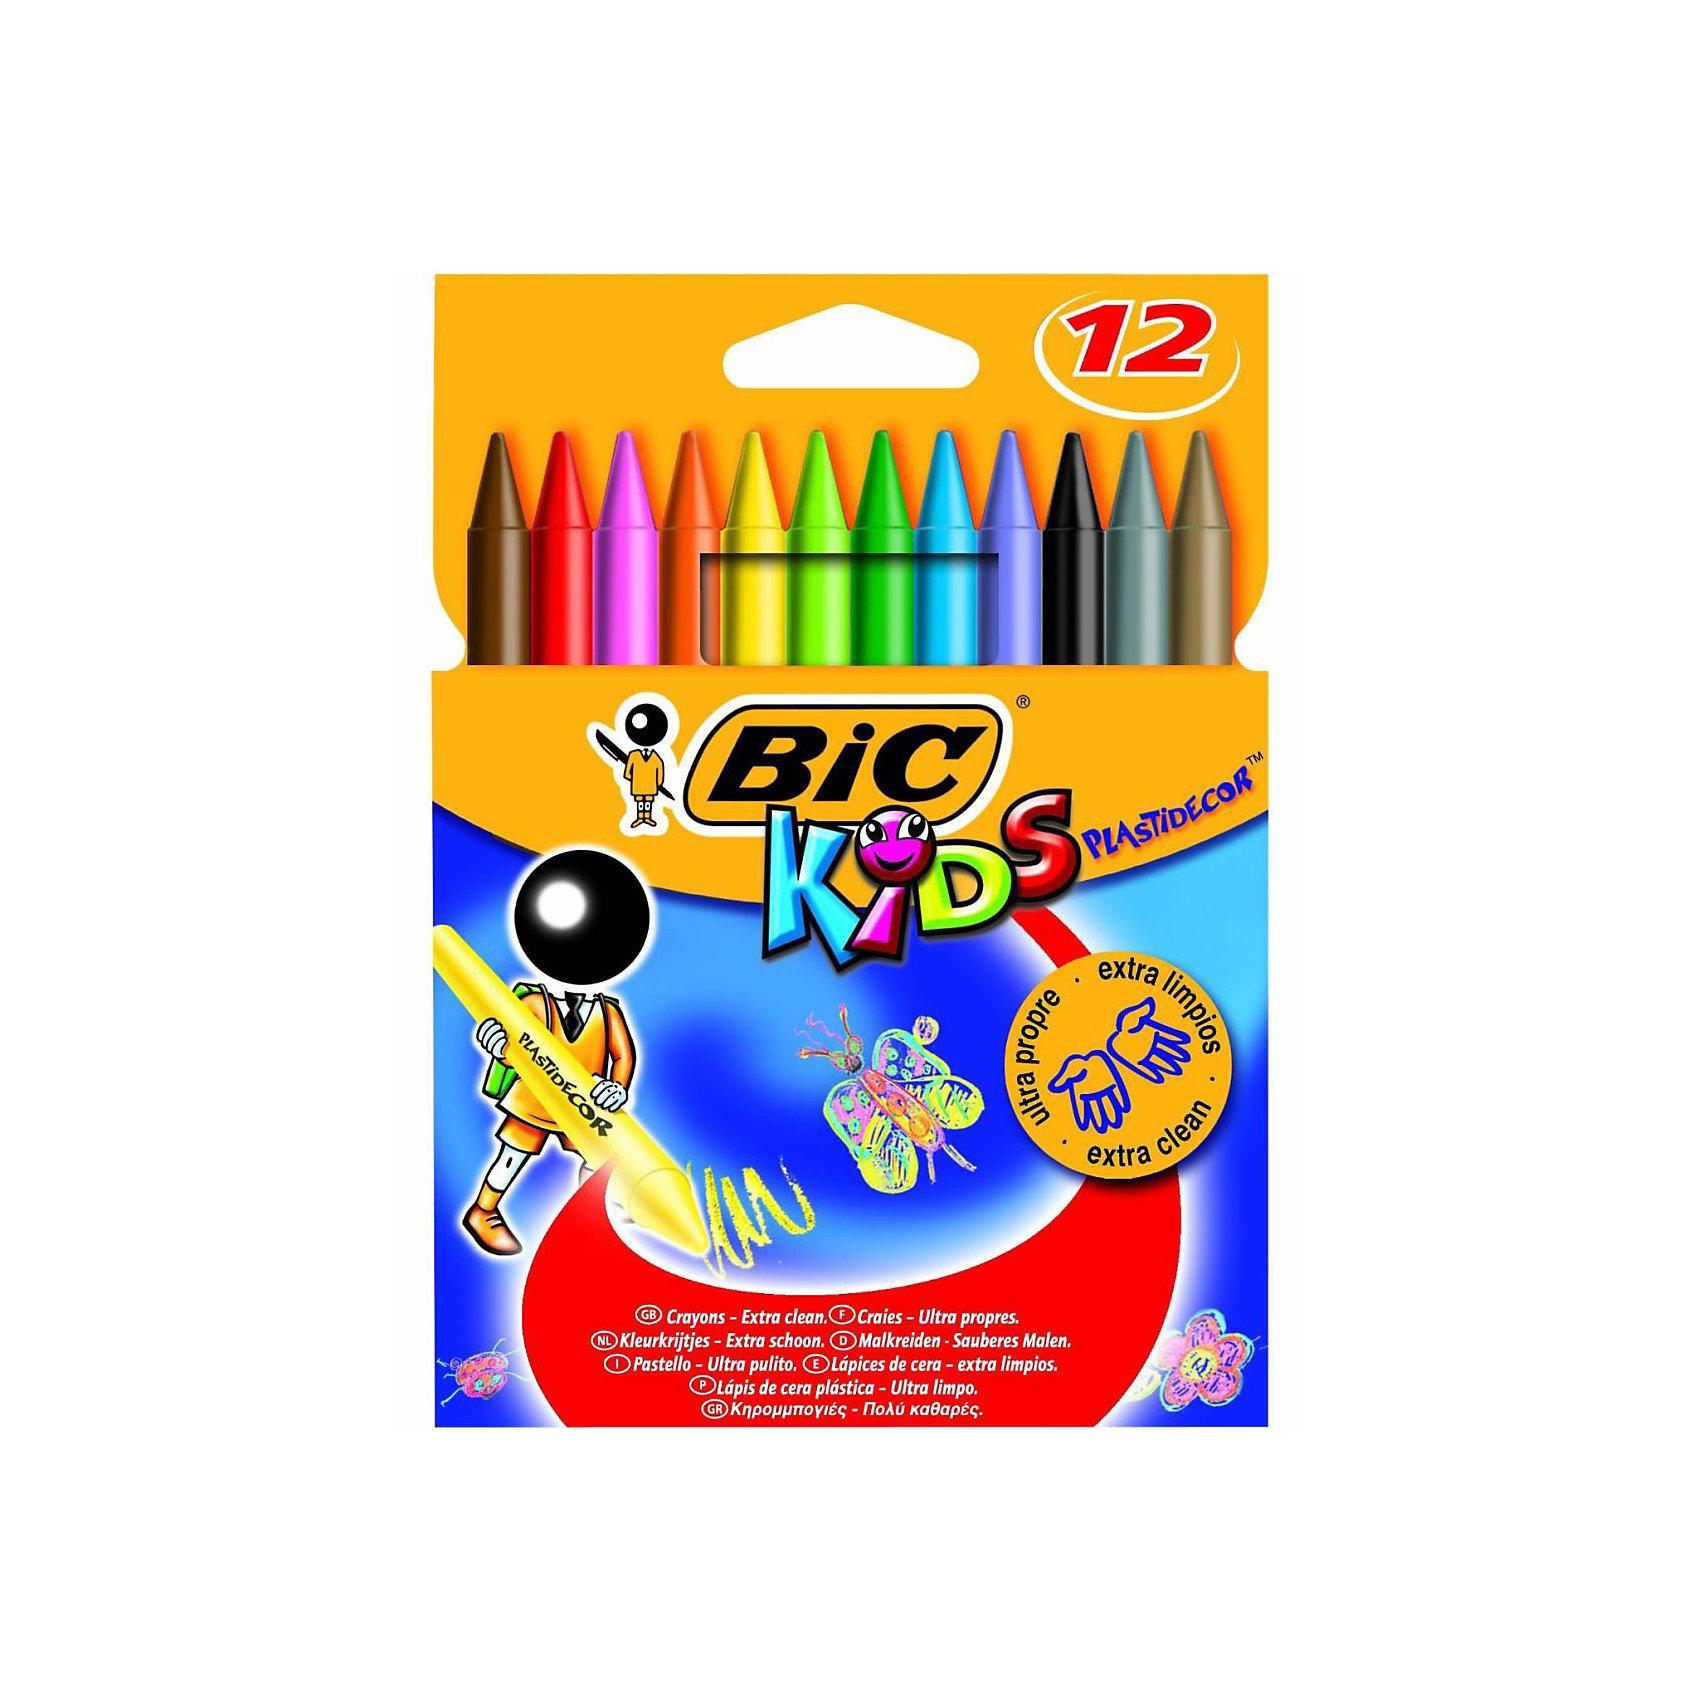 BIC Мелки цветные восковые Пластидекор 12 цветовПрочные пластиковые мелки. Яркие классические цвета. Не пачкает руки. Можно затачивать и стирать как карандаш. Хорошо закрашивает.<br><br>Ширина мм: 10<br>Глубина мм: 112<br>Высота мм: 156<br>Вес г: 91<br>Возраст от месяцев: 24<br>Возраст до месяцев: 1164<br>Пол: Унисекс<br>Возраст: Детский<br>SKU: 2480665